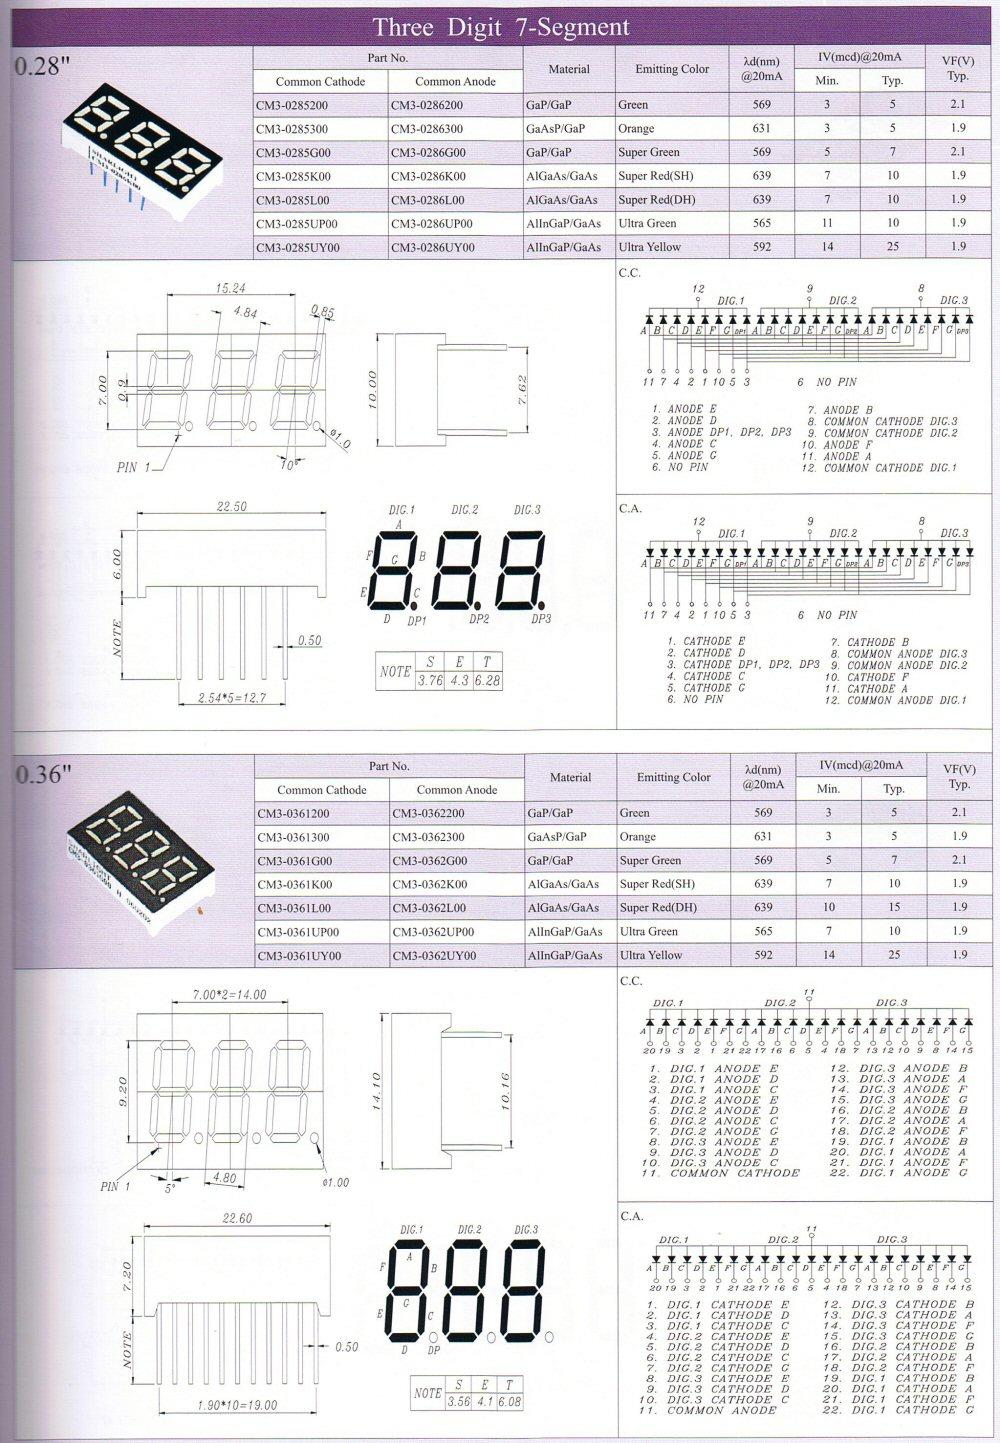 three_digit_7_segment_display1